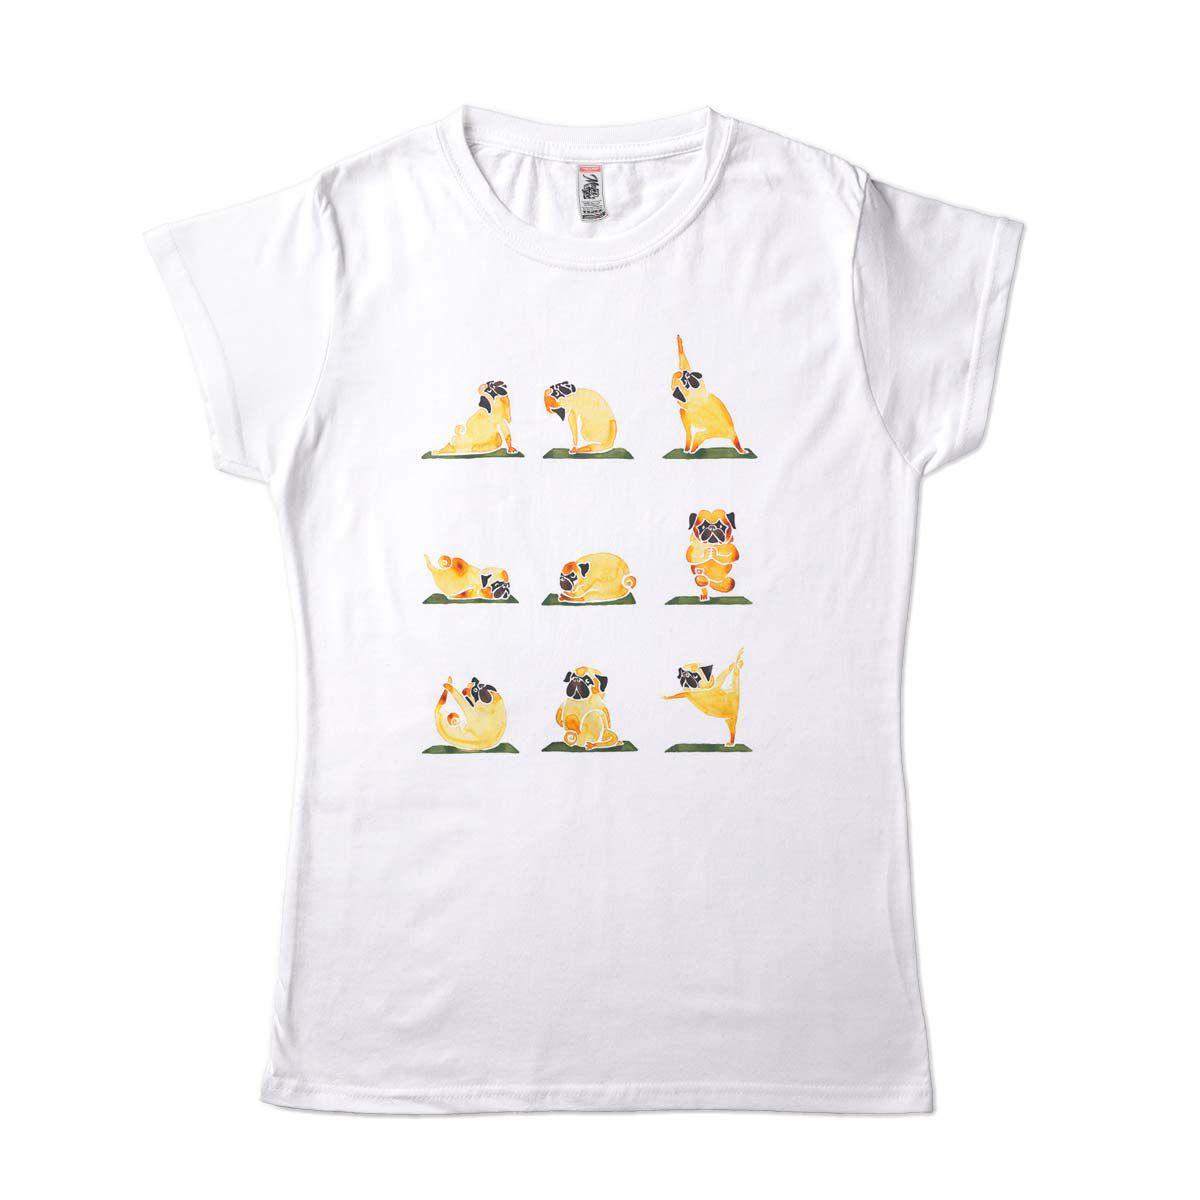 camiseta Yoga Feminina Arvore Cachorro Guerreiro Lotus